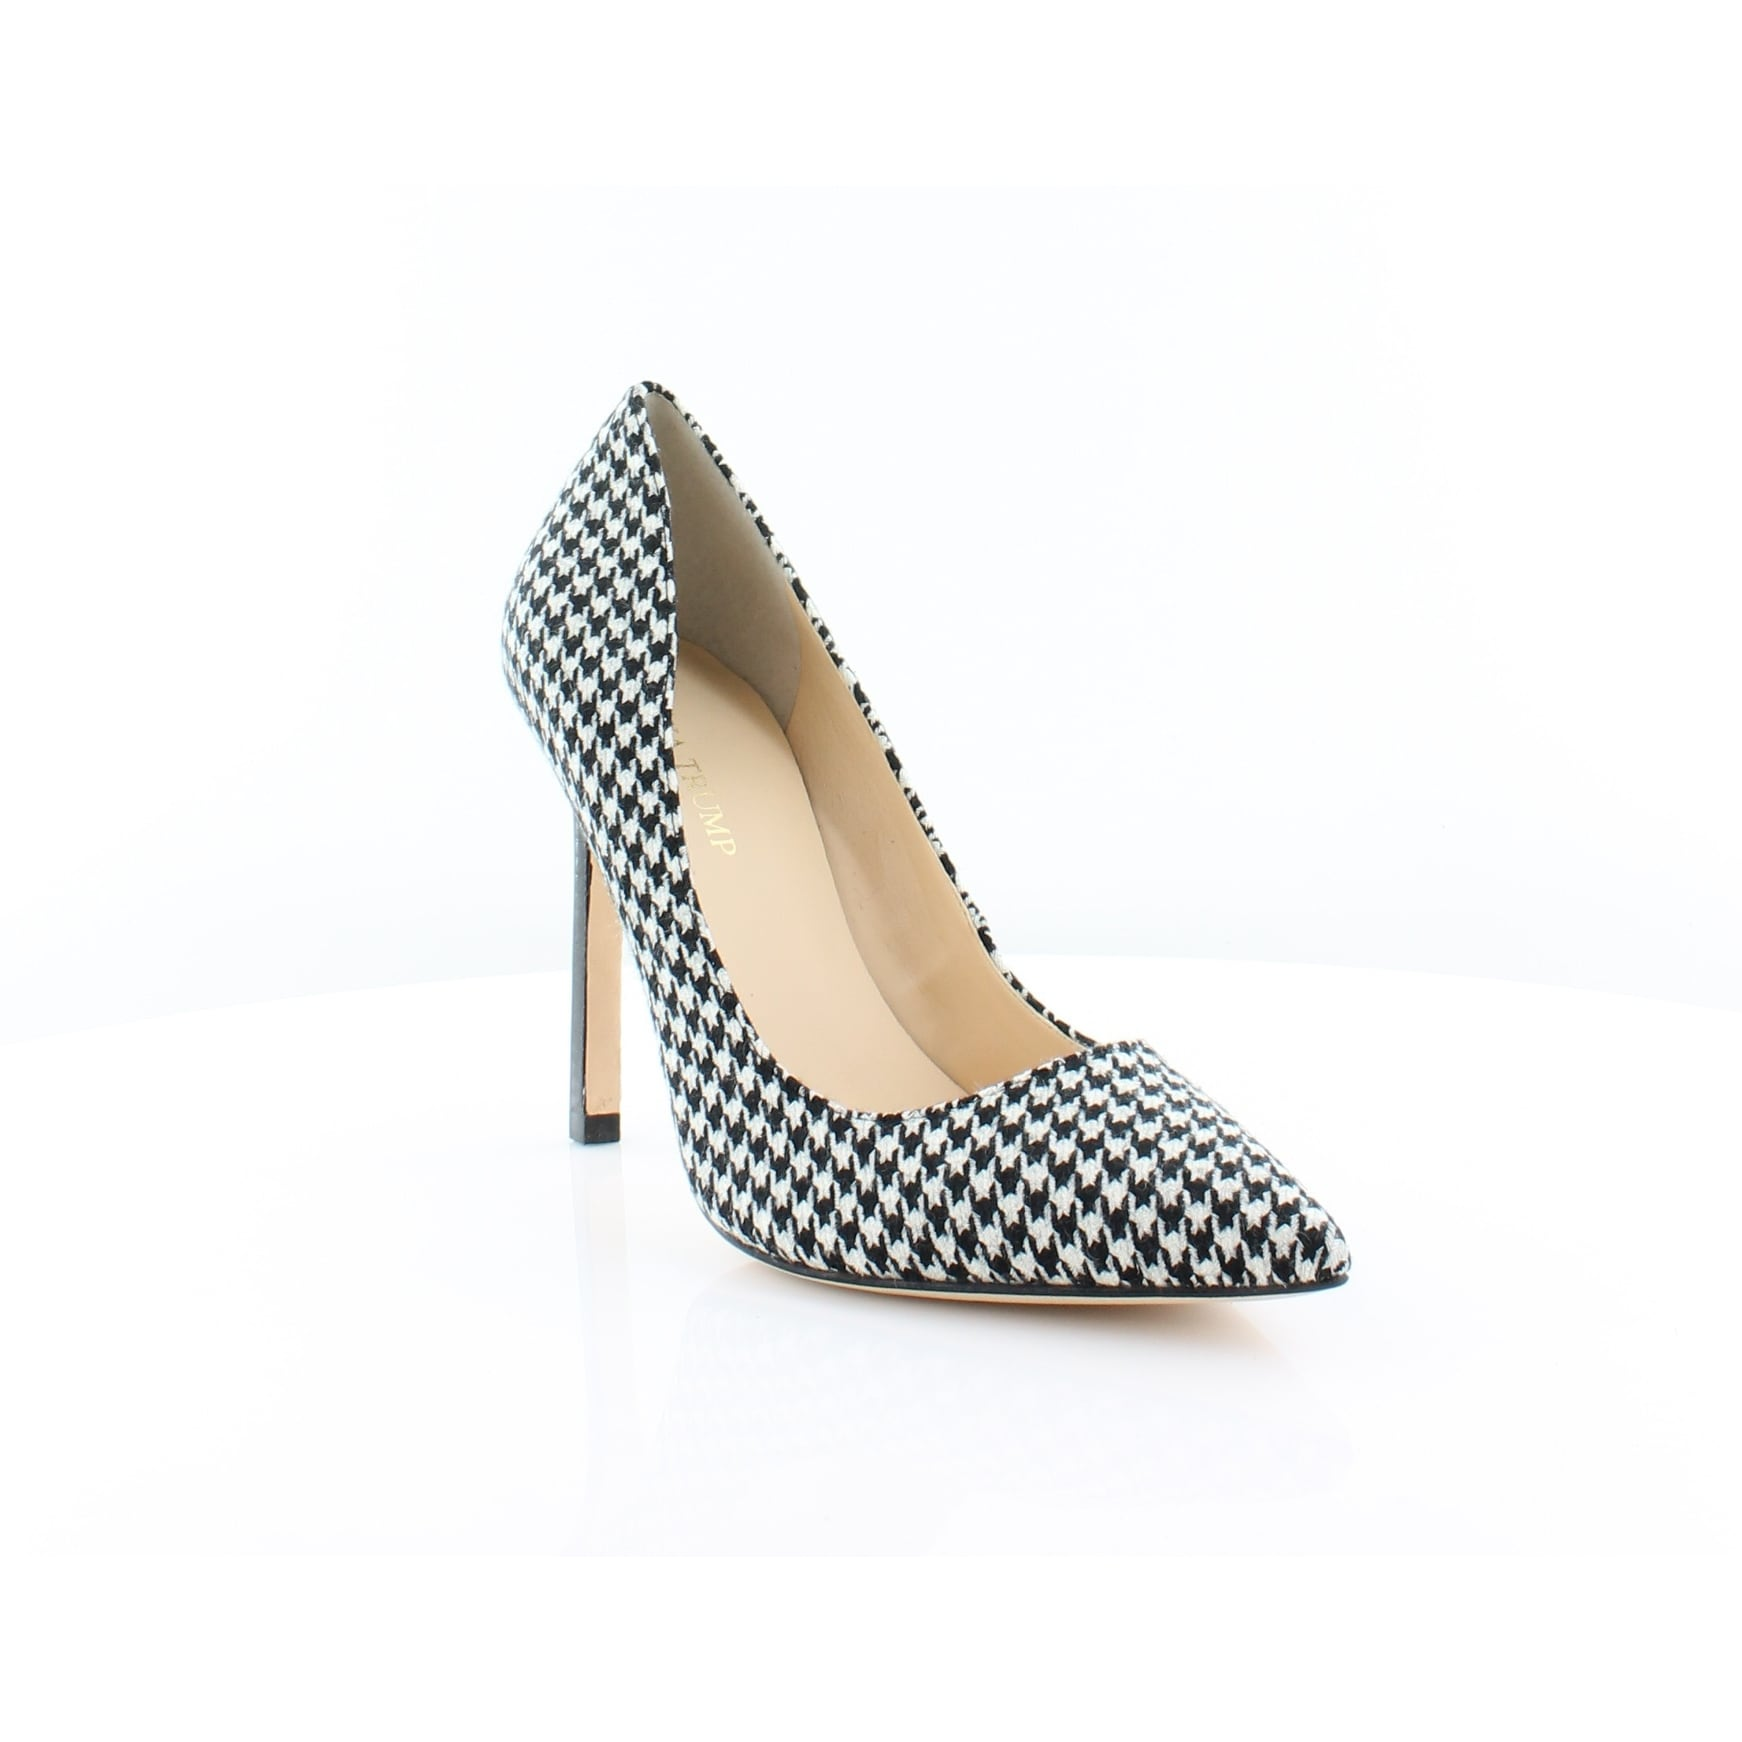 77414551e42 Buy Ivanka Trump Women s Heels Online at Overstock